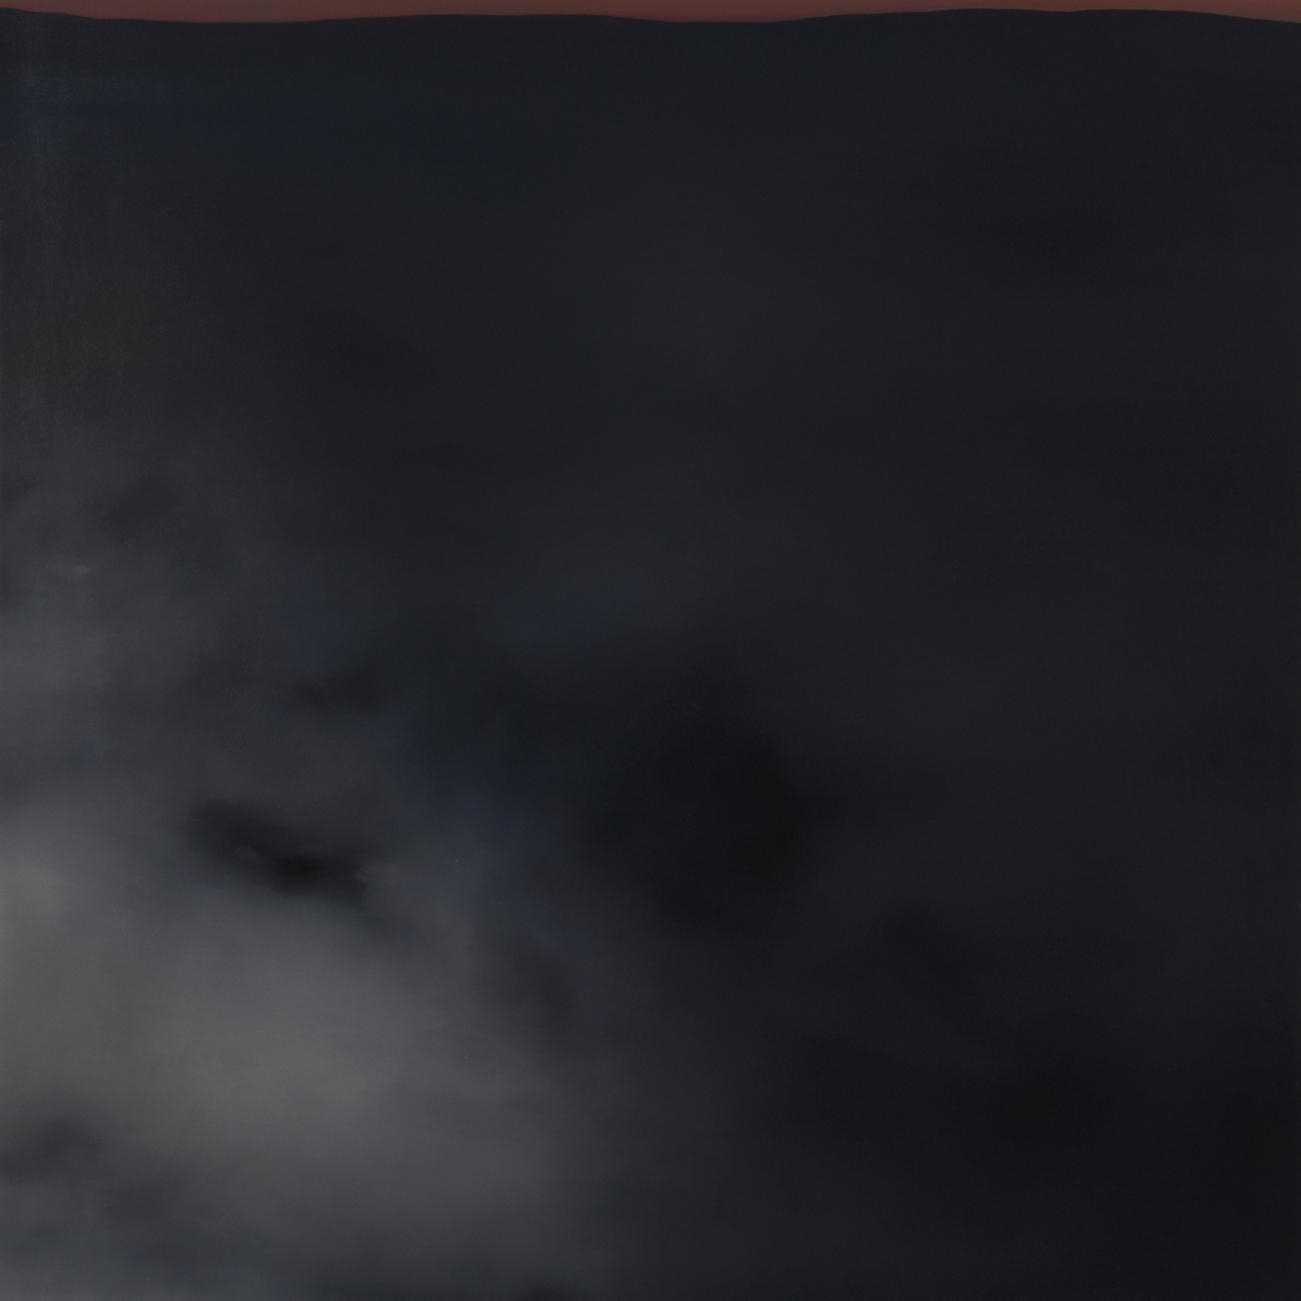 Christopher Saunders Whitenoise No. 13, 2011 [CS.04] Oil on linen 24 x 18 in.